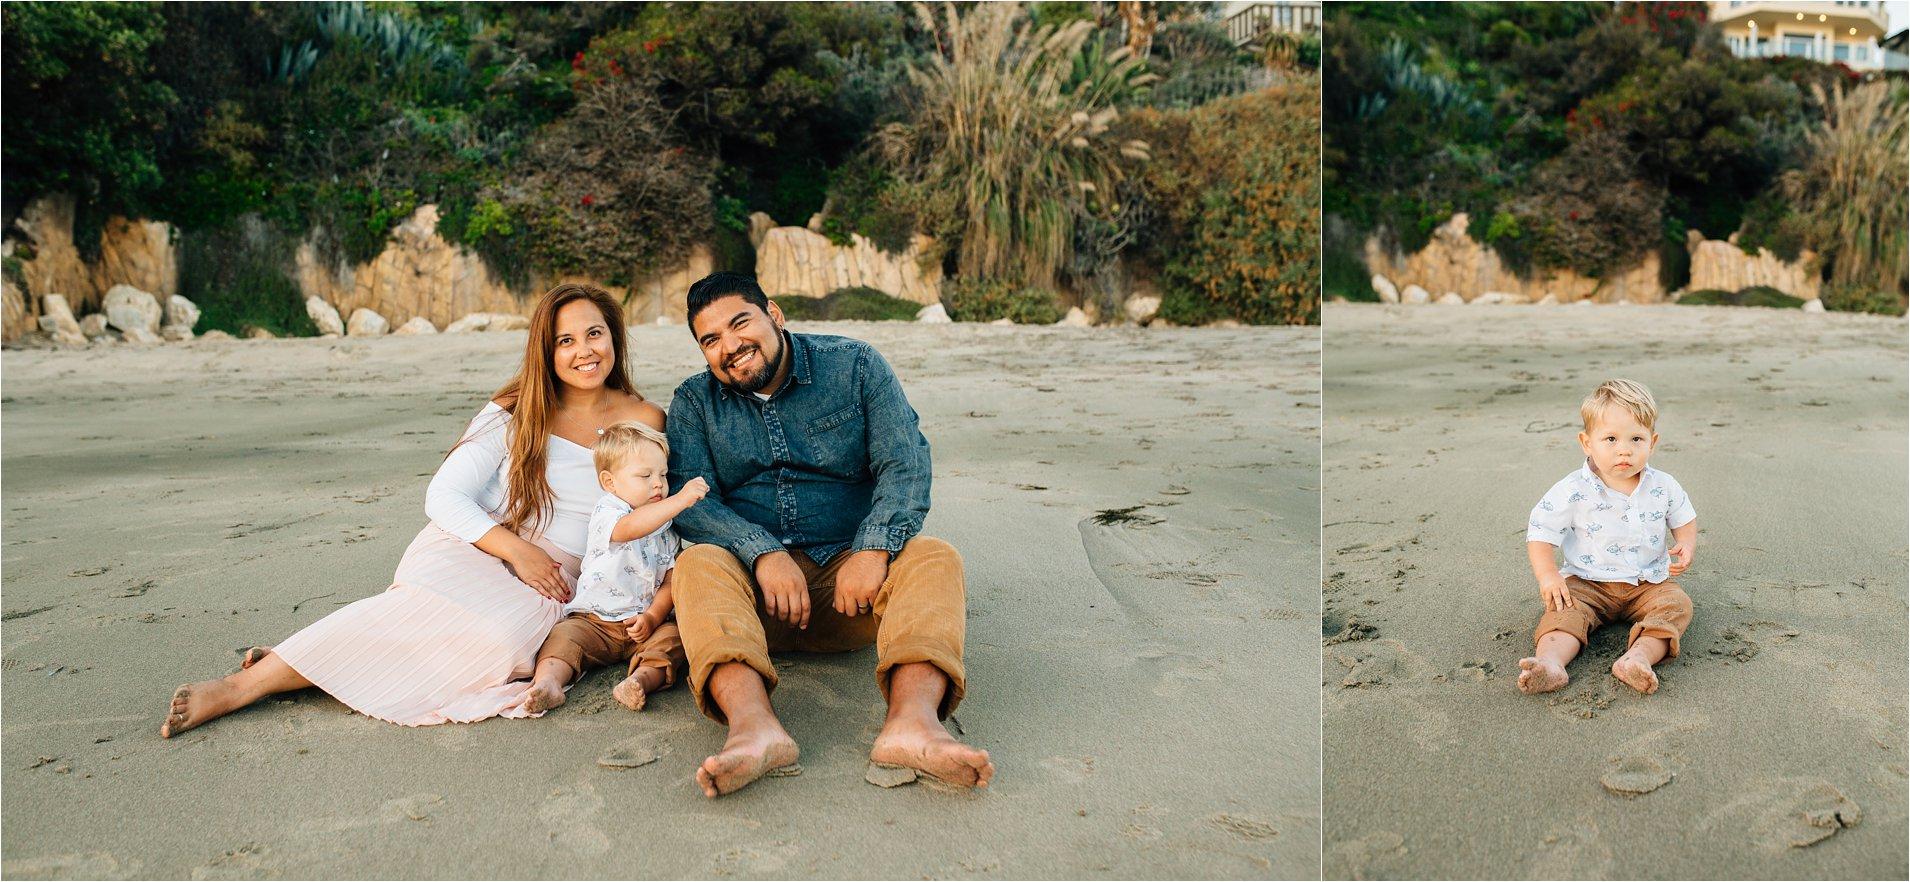 Family Photos on the sand